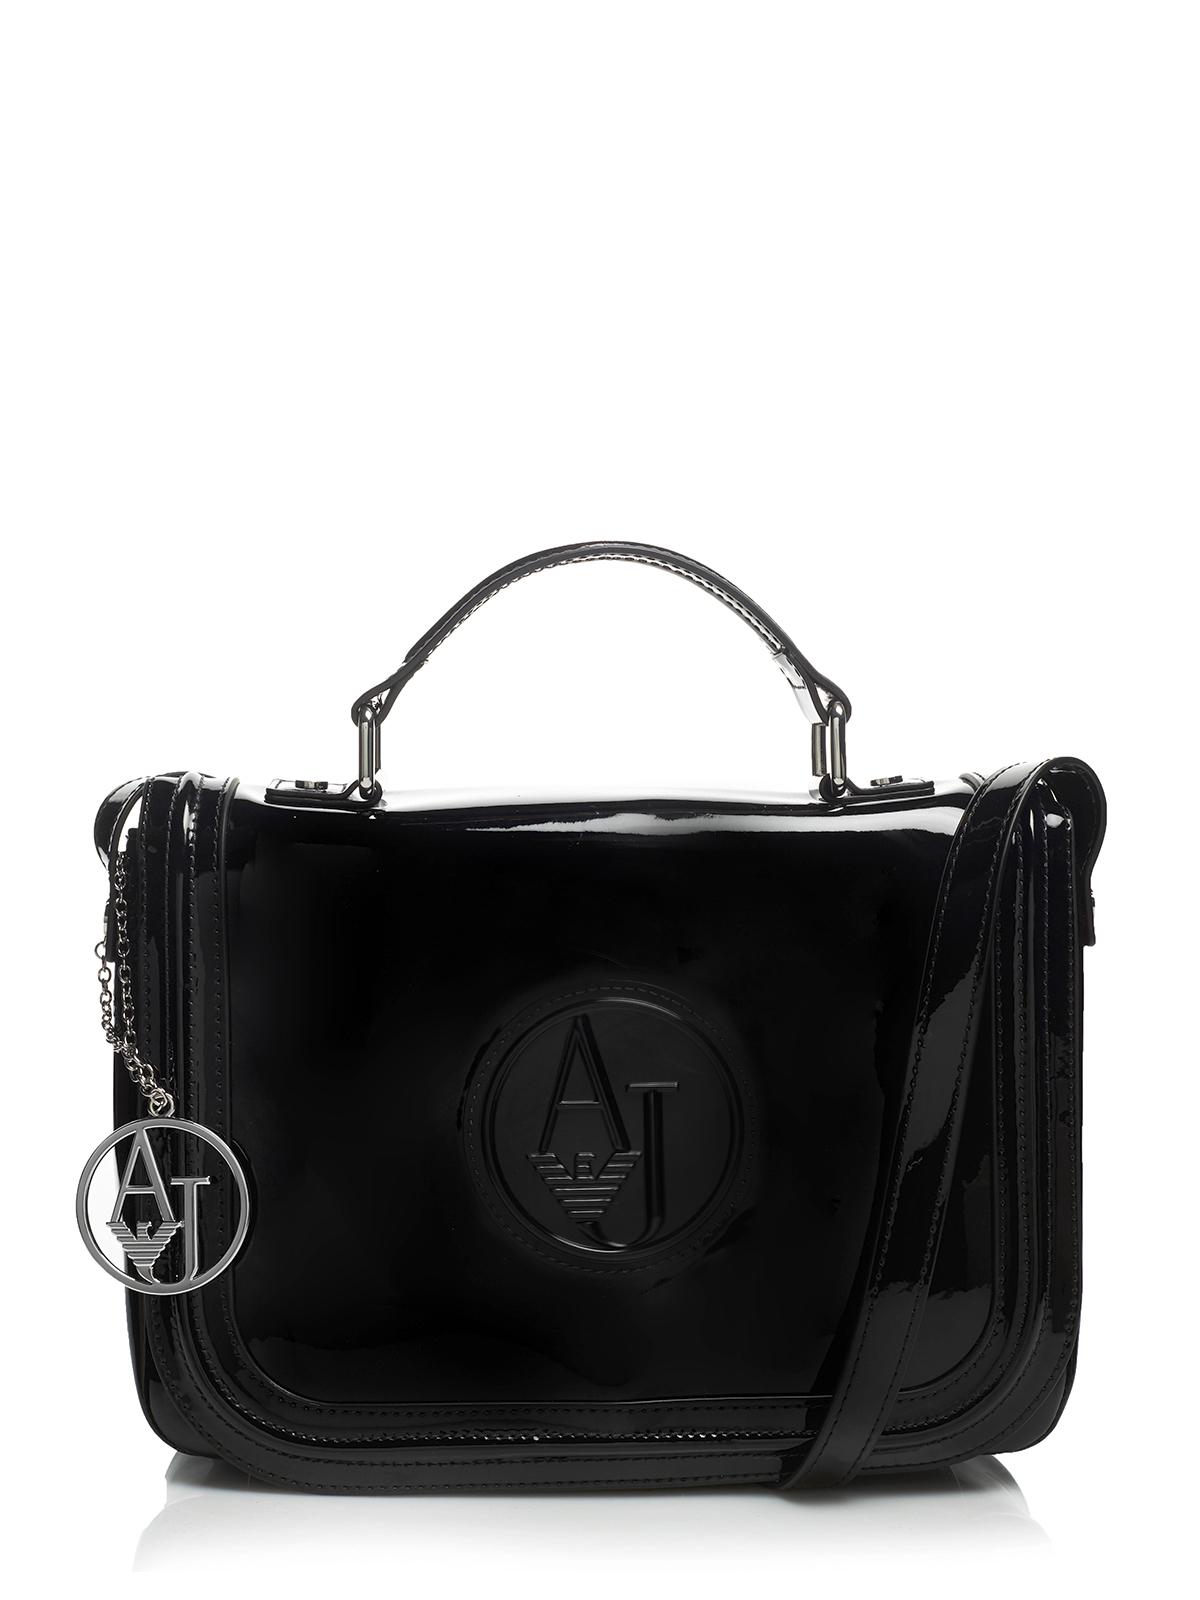 armani jeans tasche bag 922506 cc850 schwarz ebay. Black Bedroom Furniture Sets. Home Design Ideas